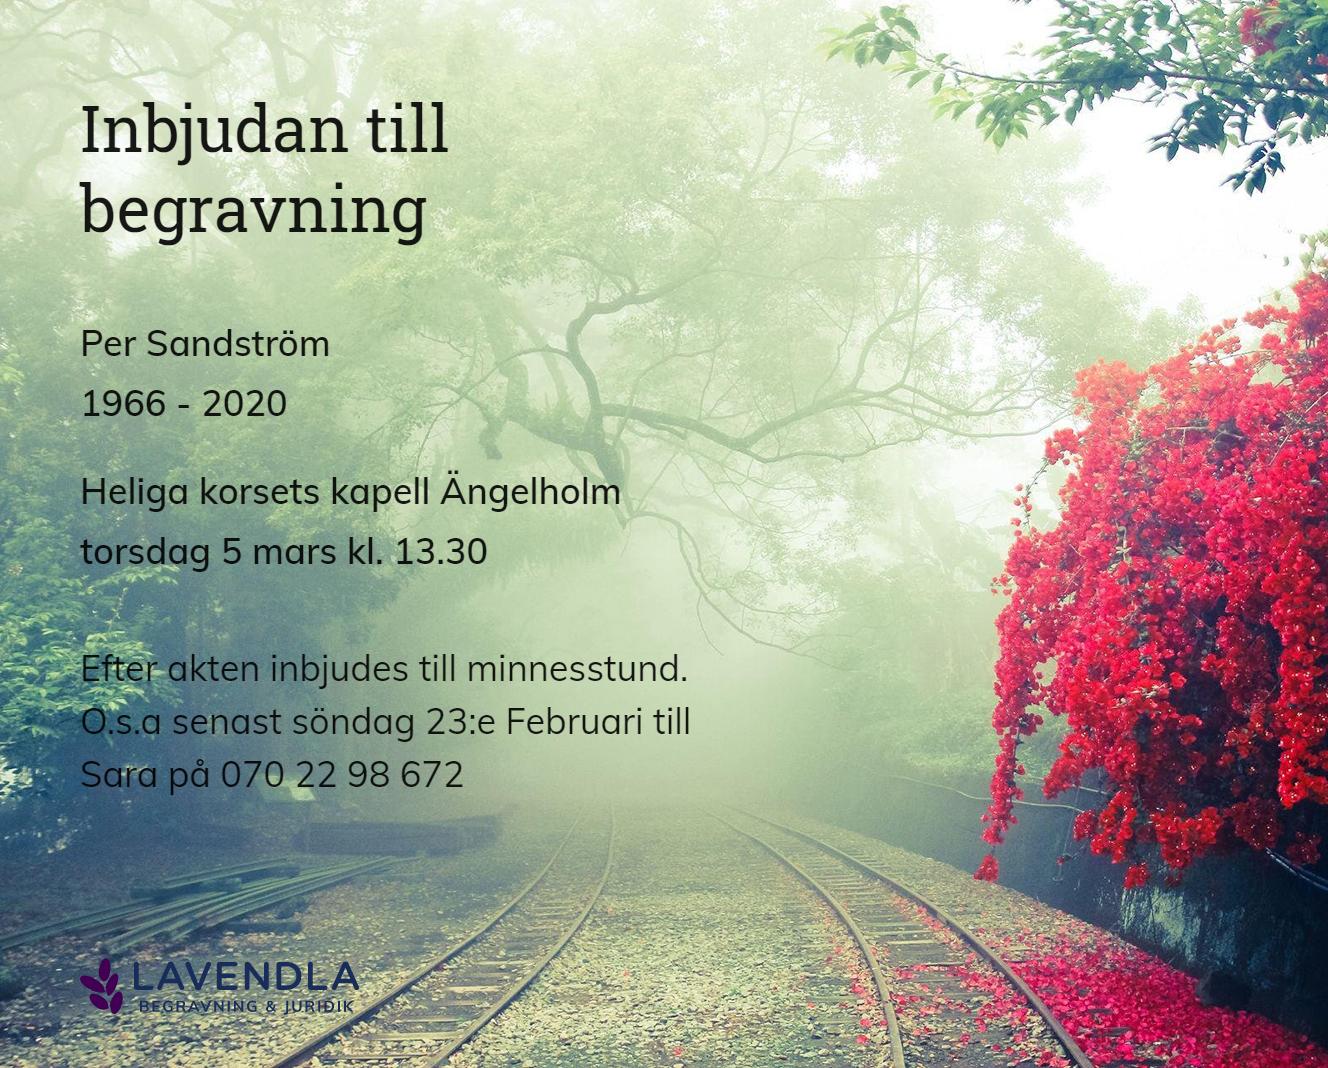 Inbjudningskort till ceremonin för Per Sandström